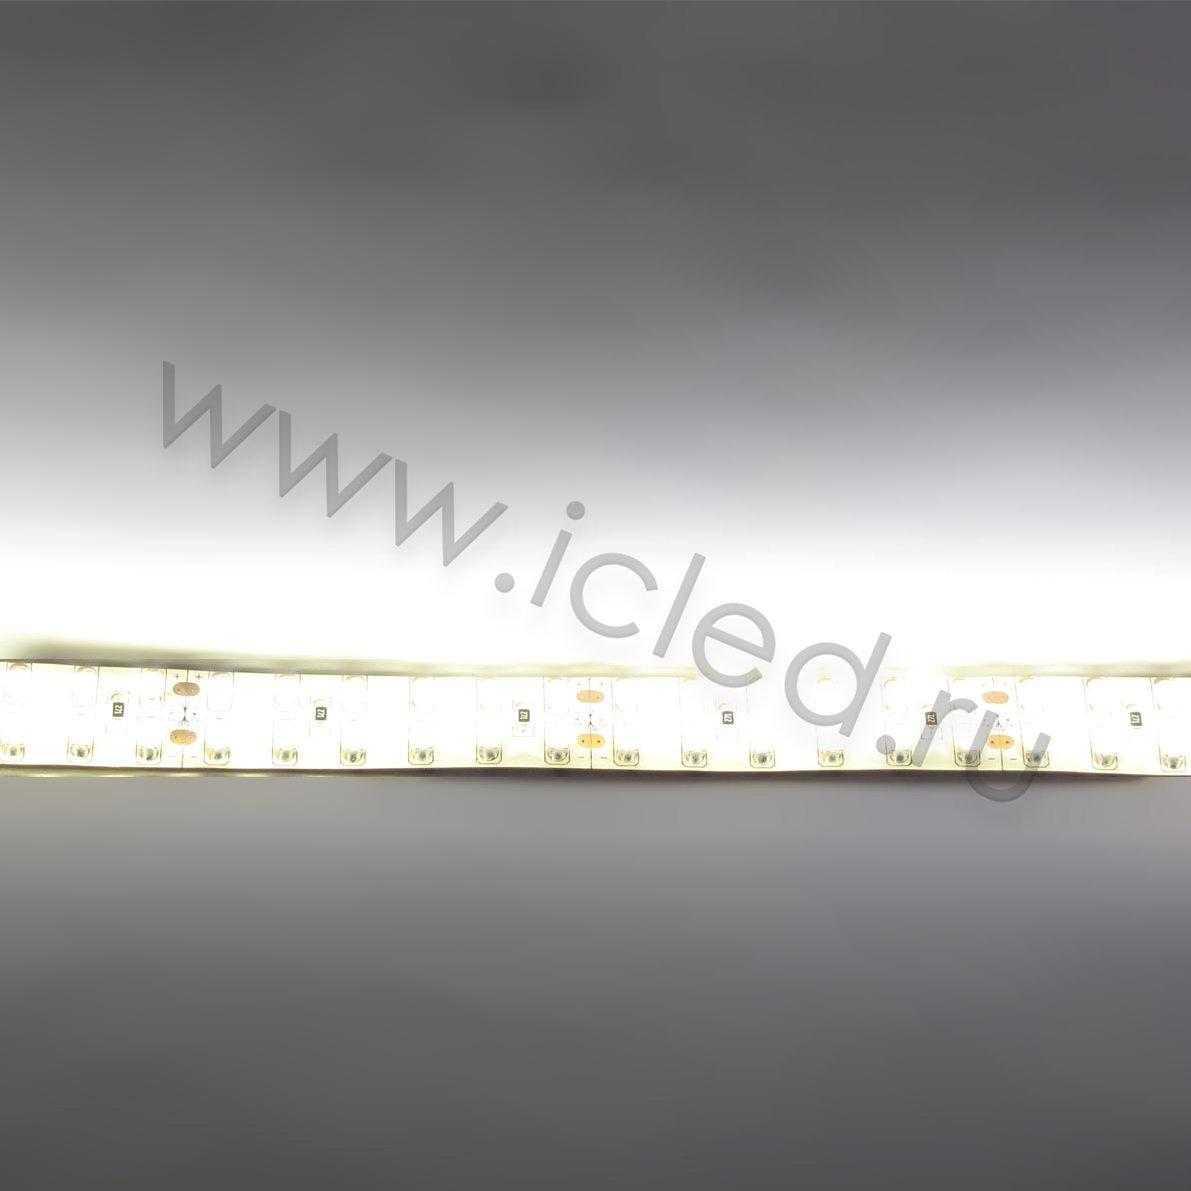 Светодиодная лента Class B, 3528, 240 led/m, Warm White, 24V, IP65